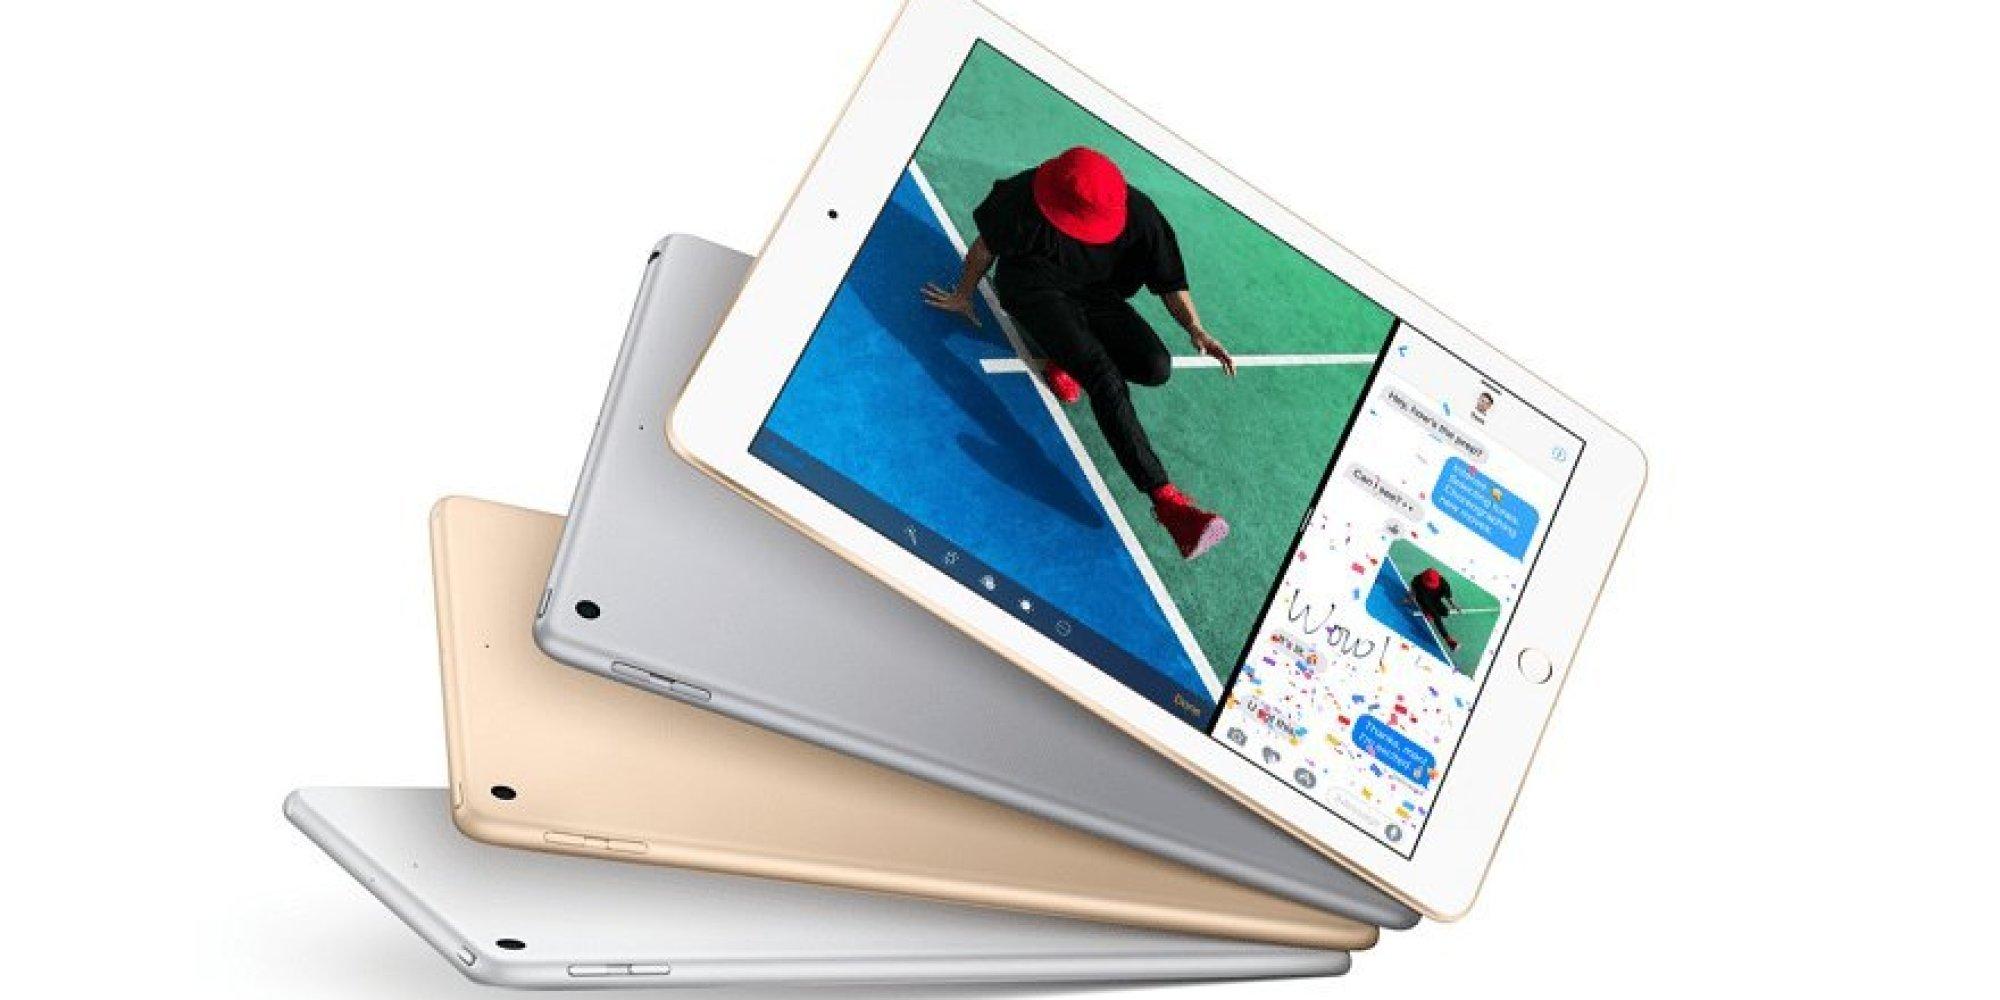 Apple تعلن تحديث iPad وتكشف عن تطبيق فيديو جديد.. وتطرح iPhone باللون الأحمر!